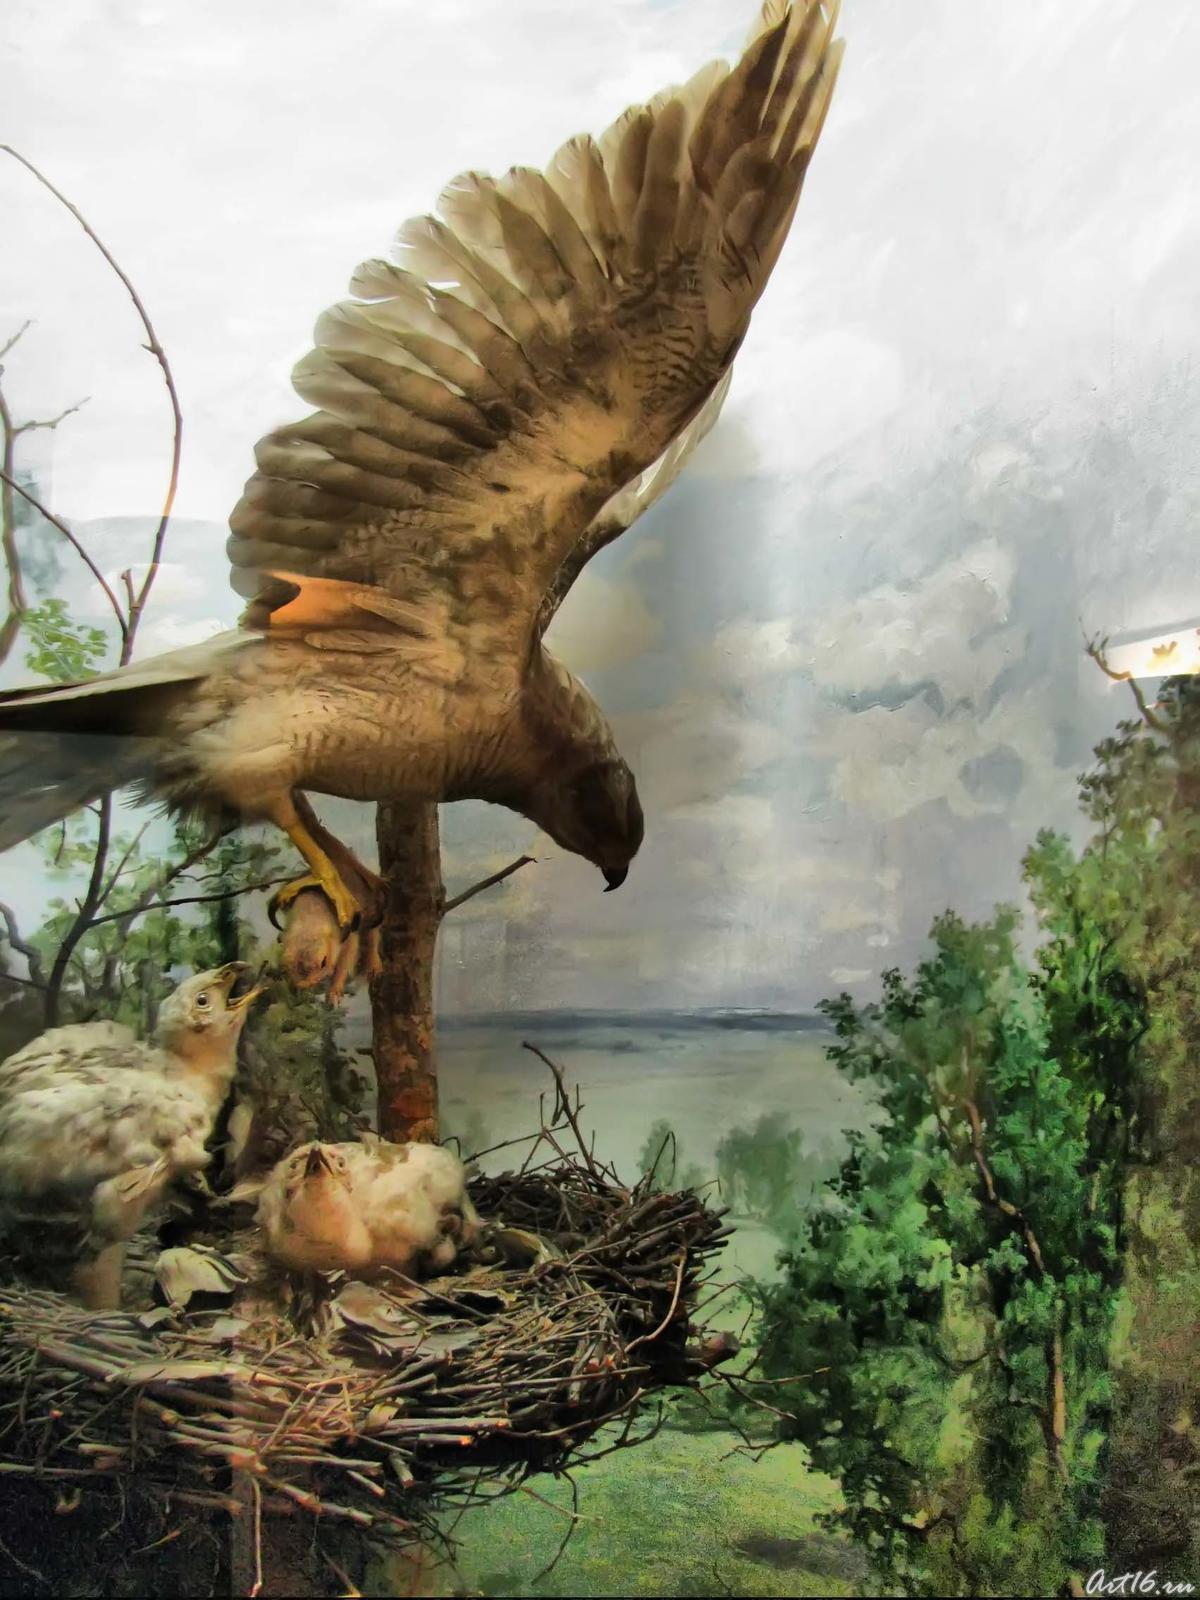 Фото №42324. Тетеревятник с птенцами